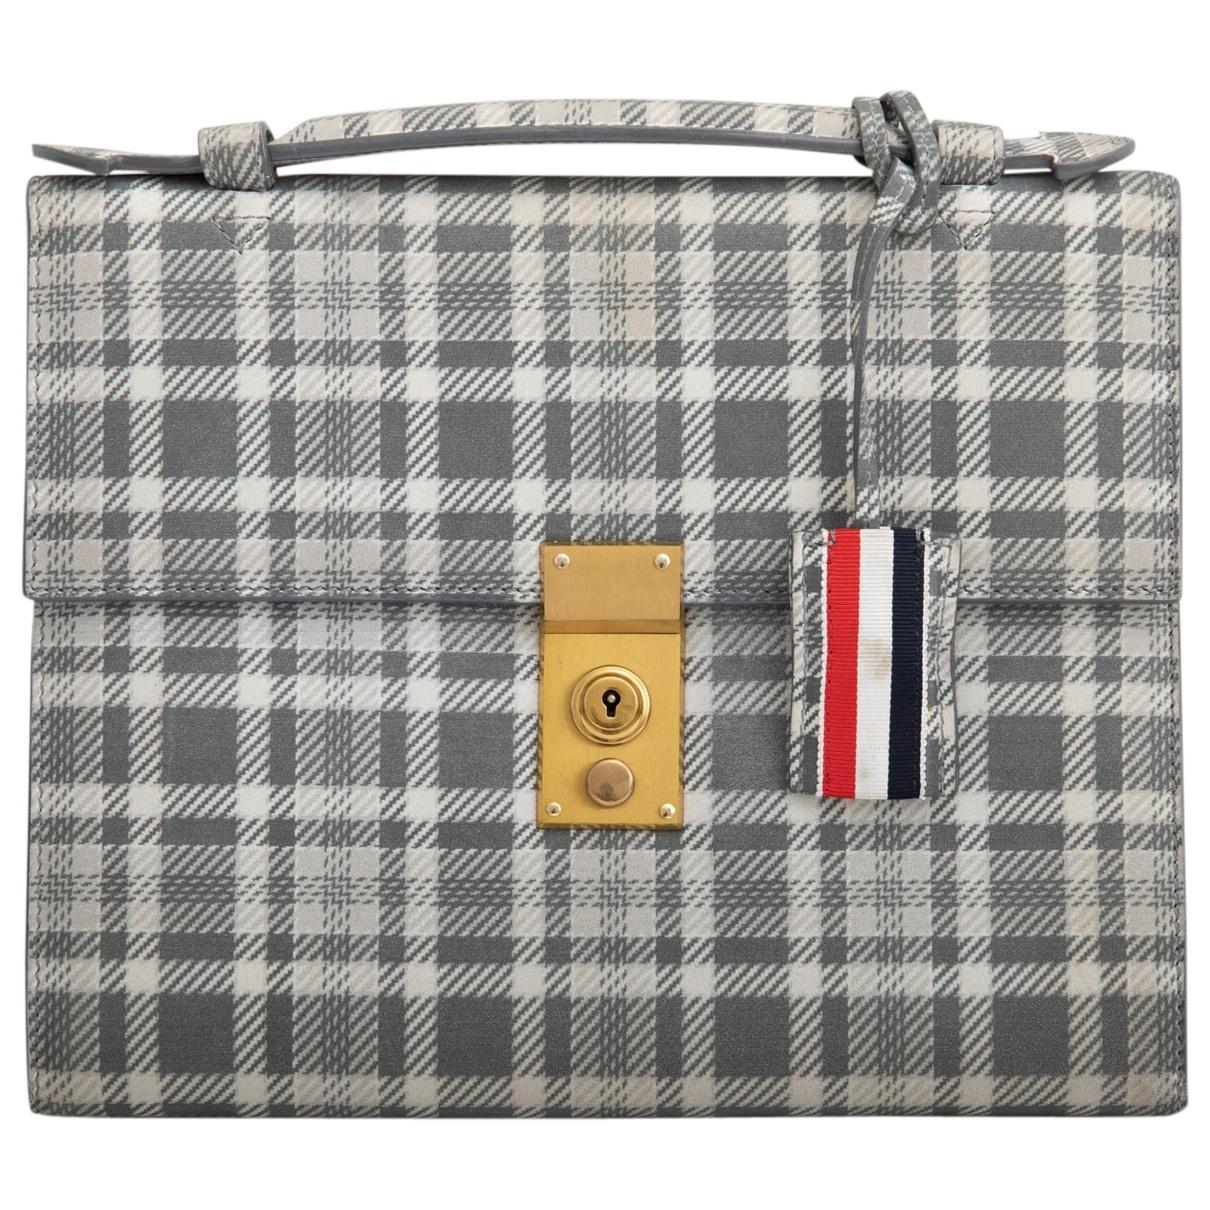 Thom Browne \N Accessoires in  Grau Leder